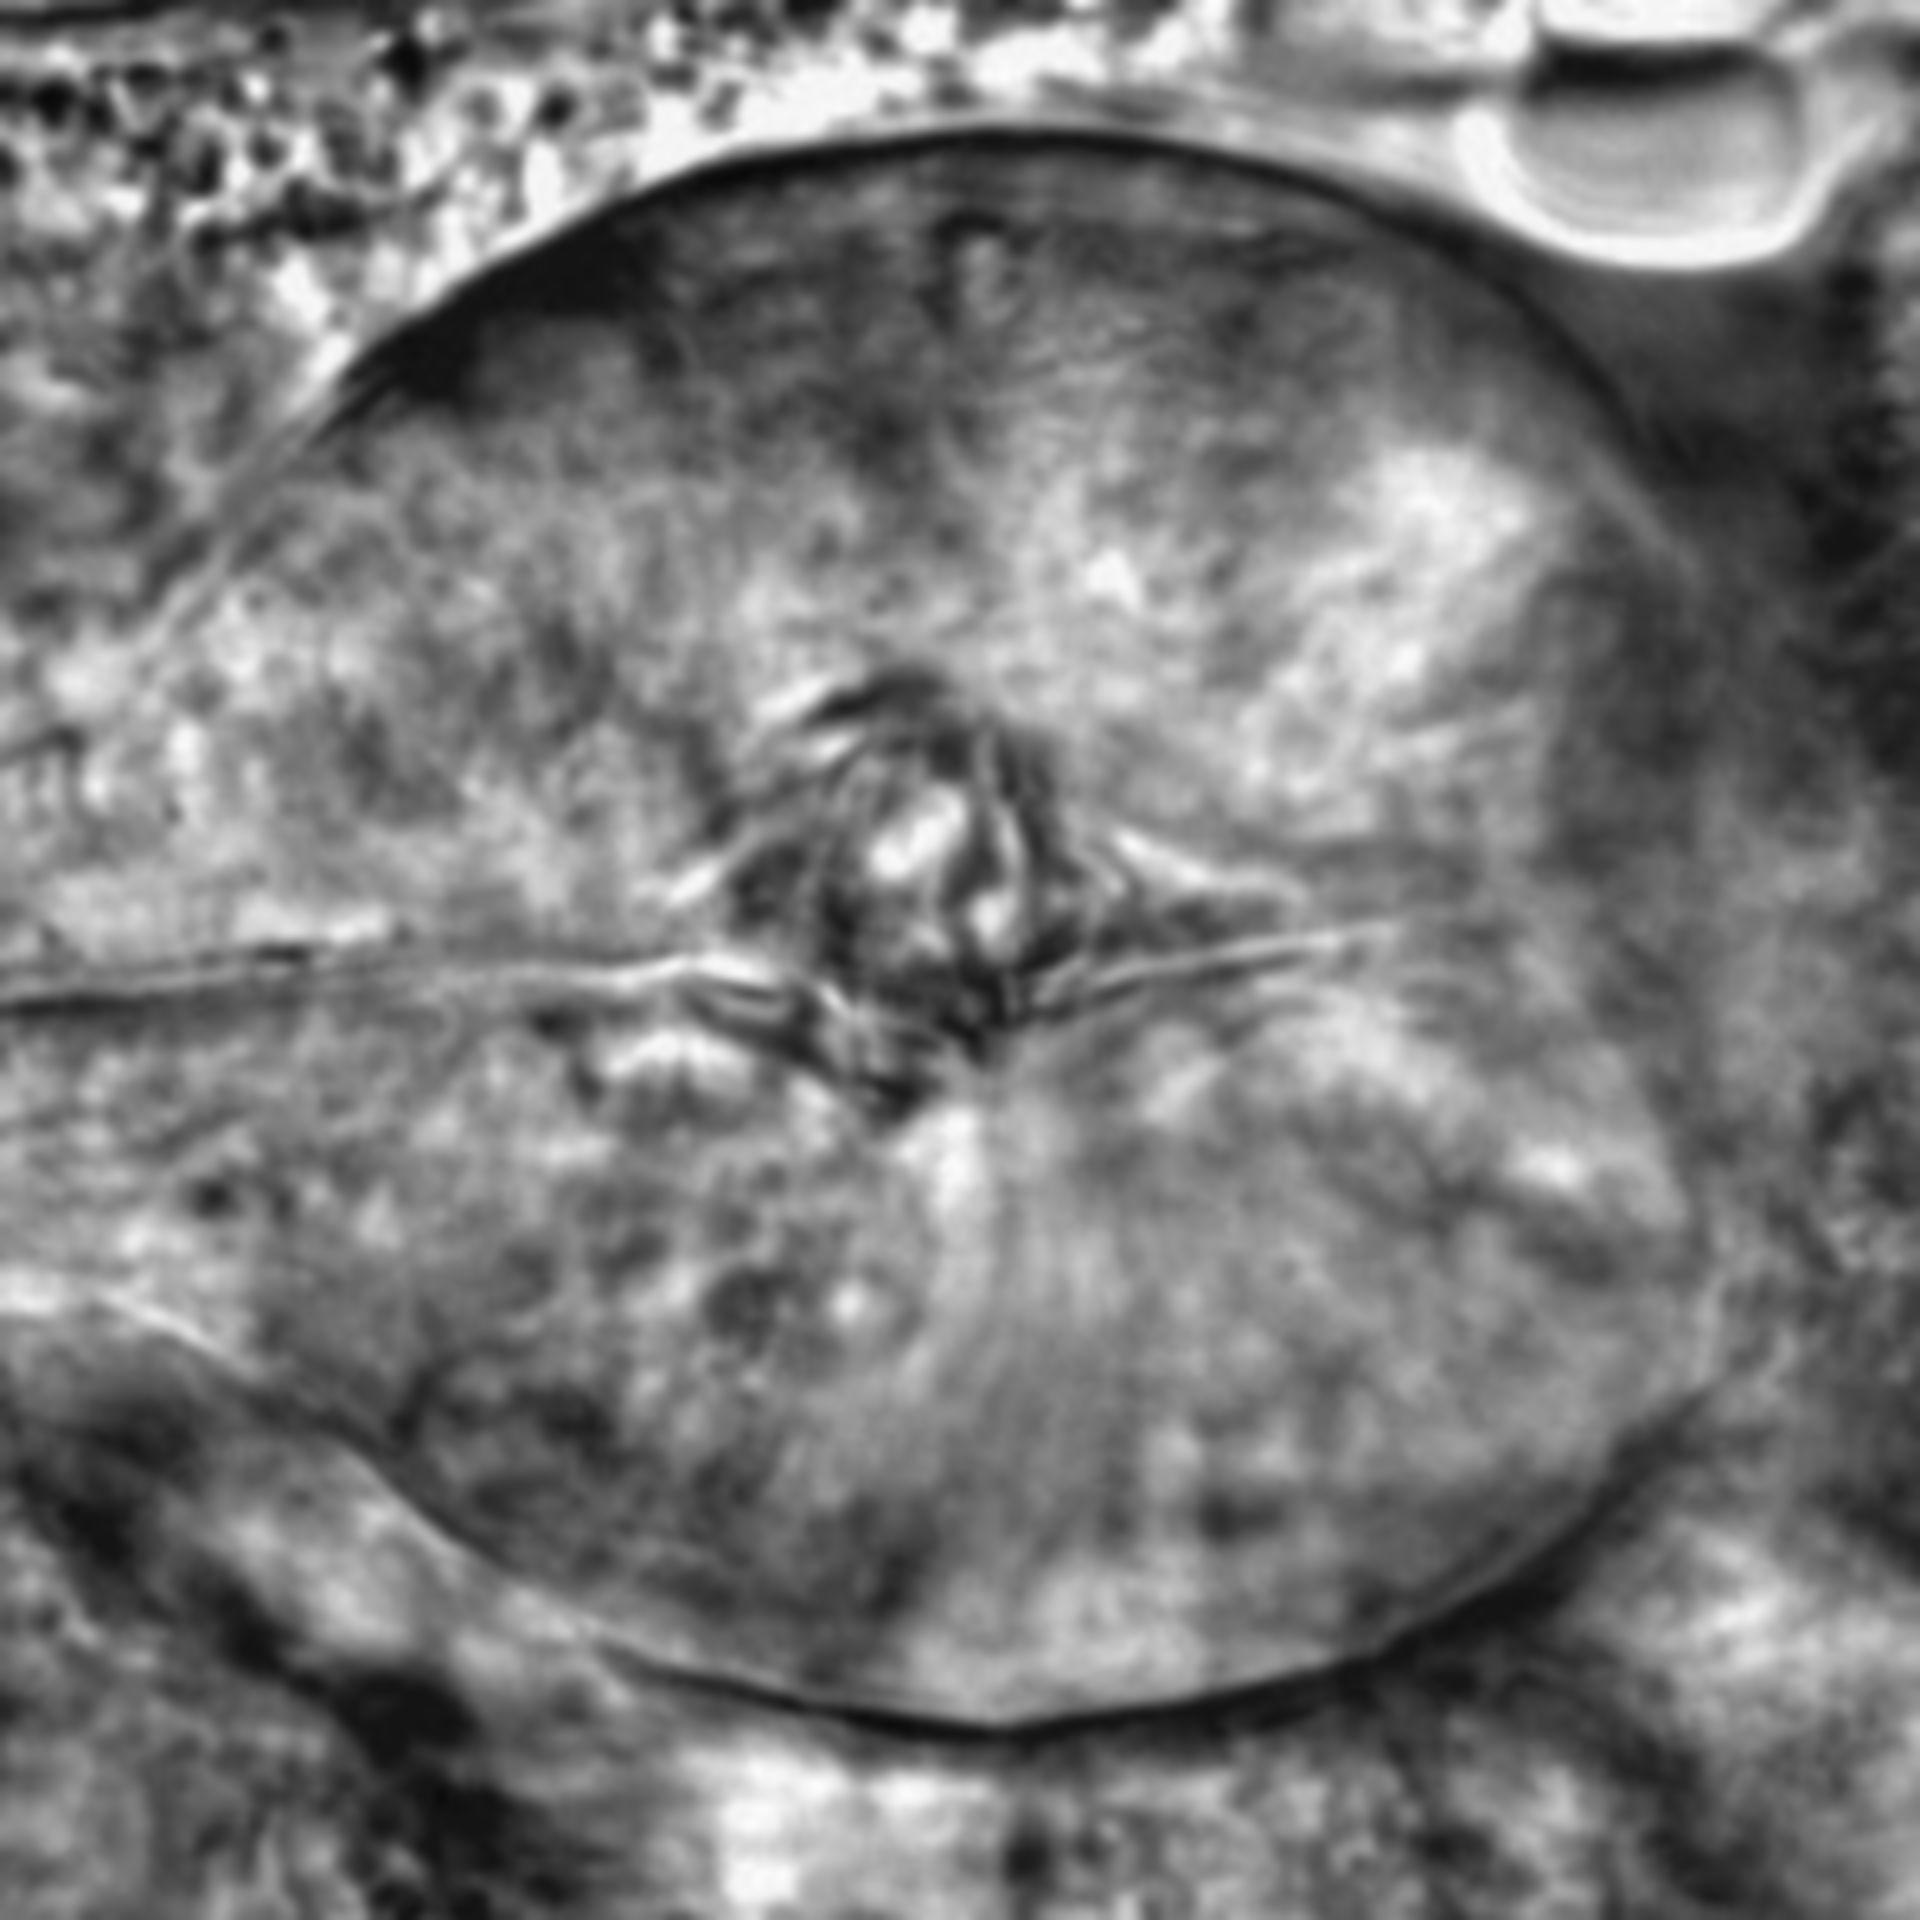 Caenorhabditis elegans - CIL:2773